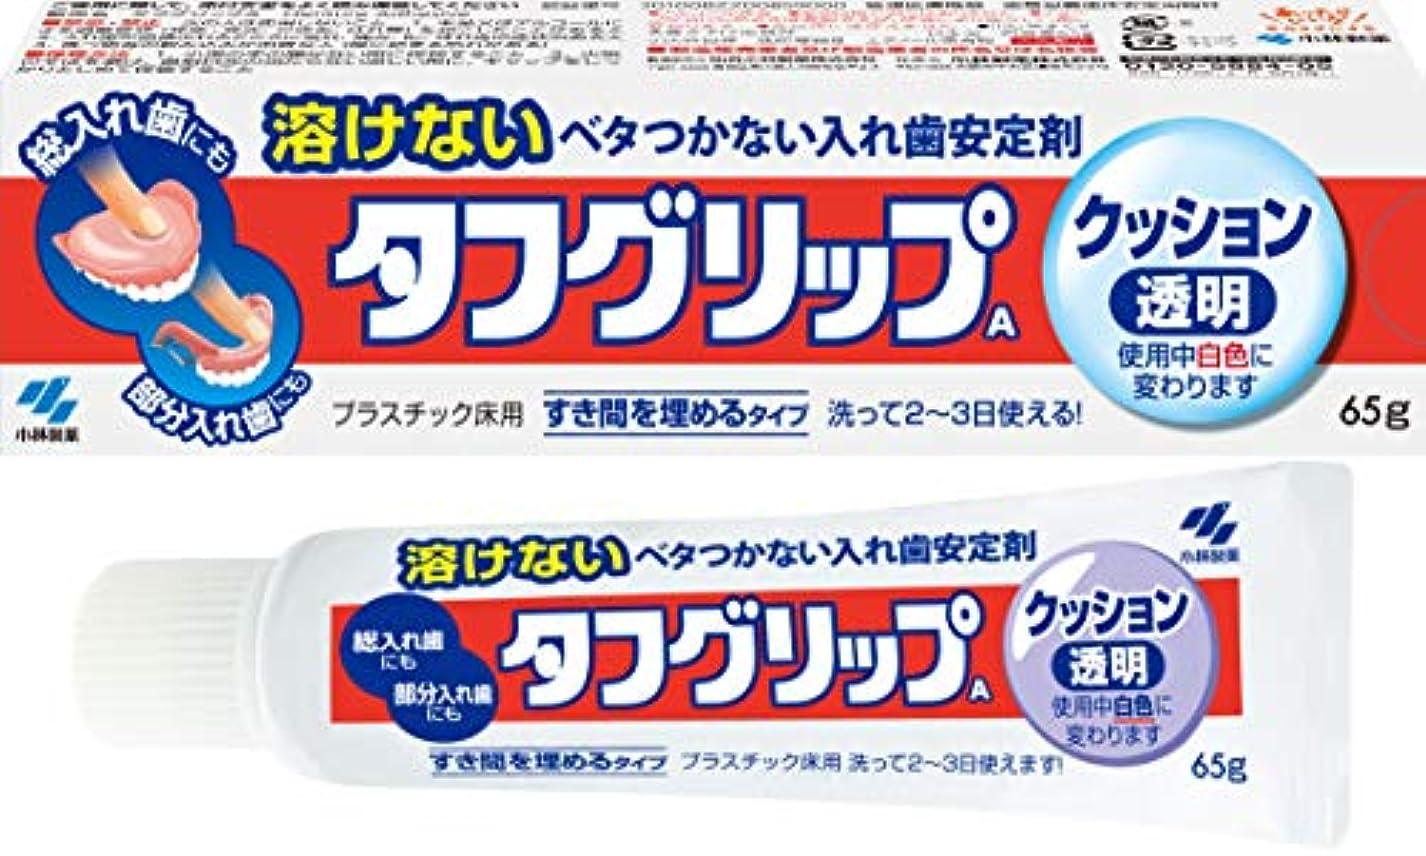 任命する外部類人猿タフグリップクッション 透明 入れ歯安定剤(総入れ歯?部分入れ歯) 65g